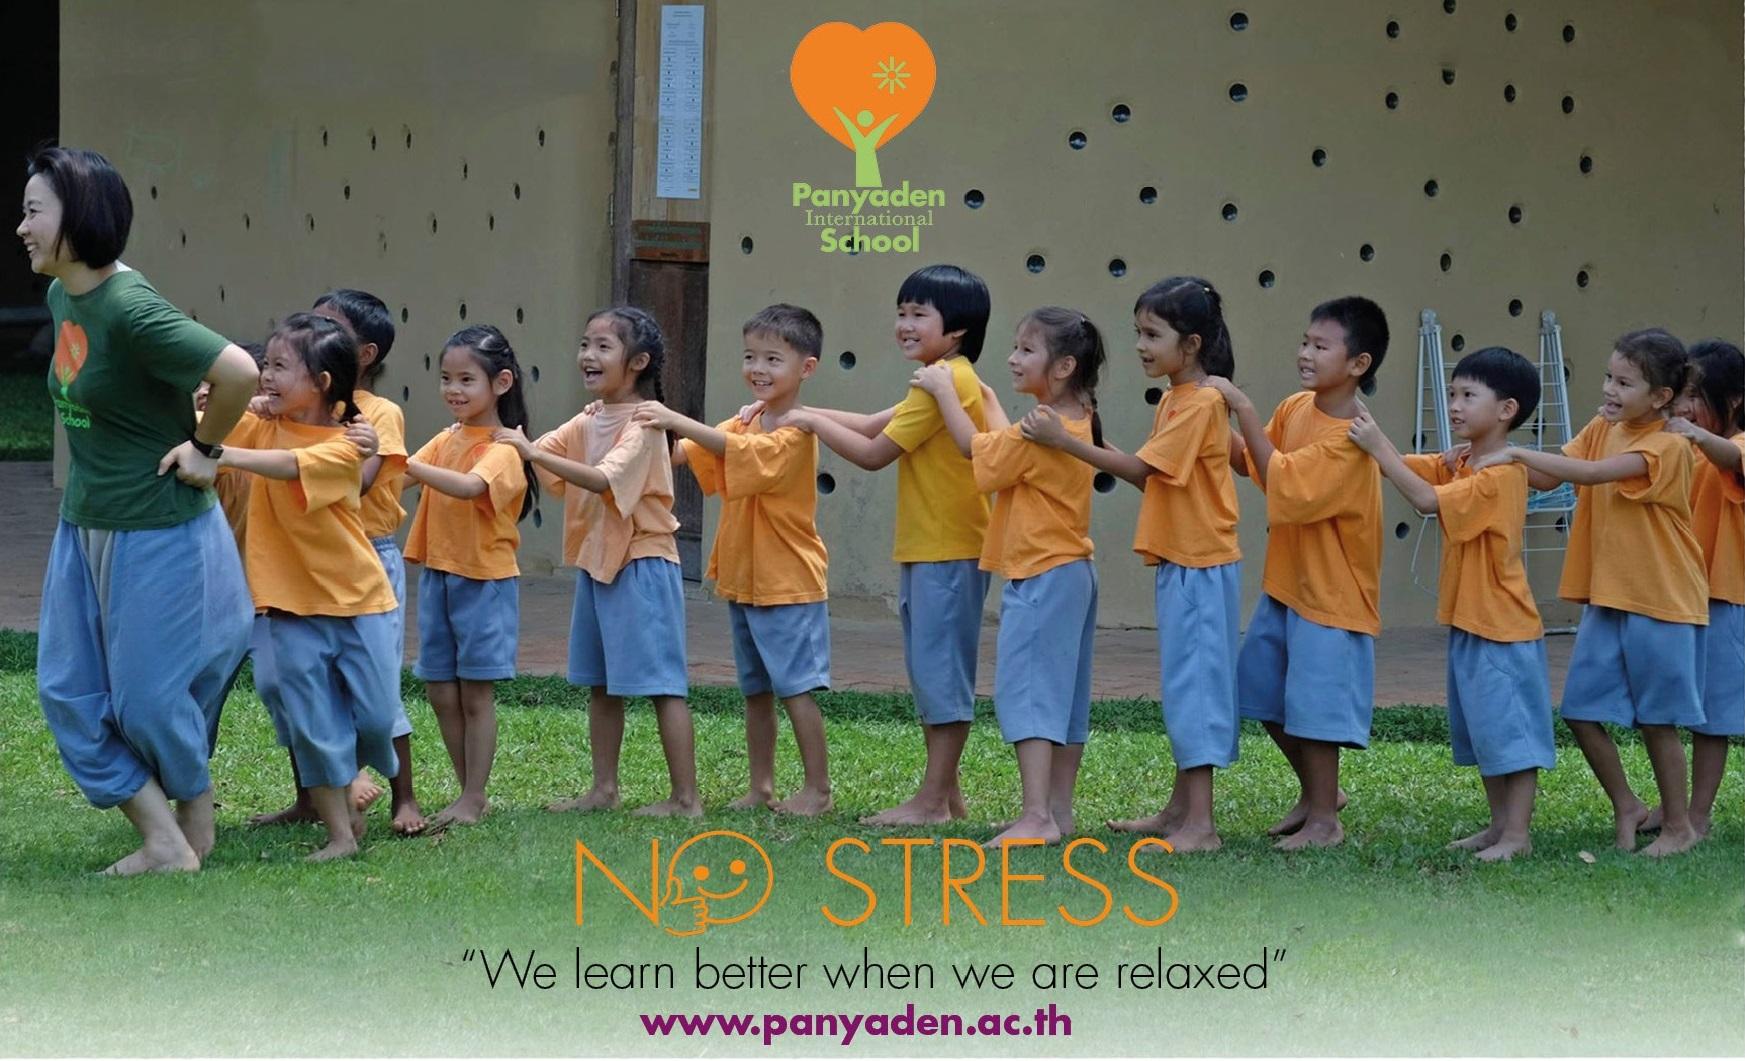 fb-ad6_080916 Panyaden International School social media ad